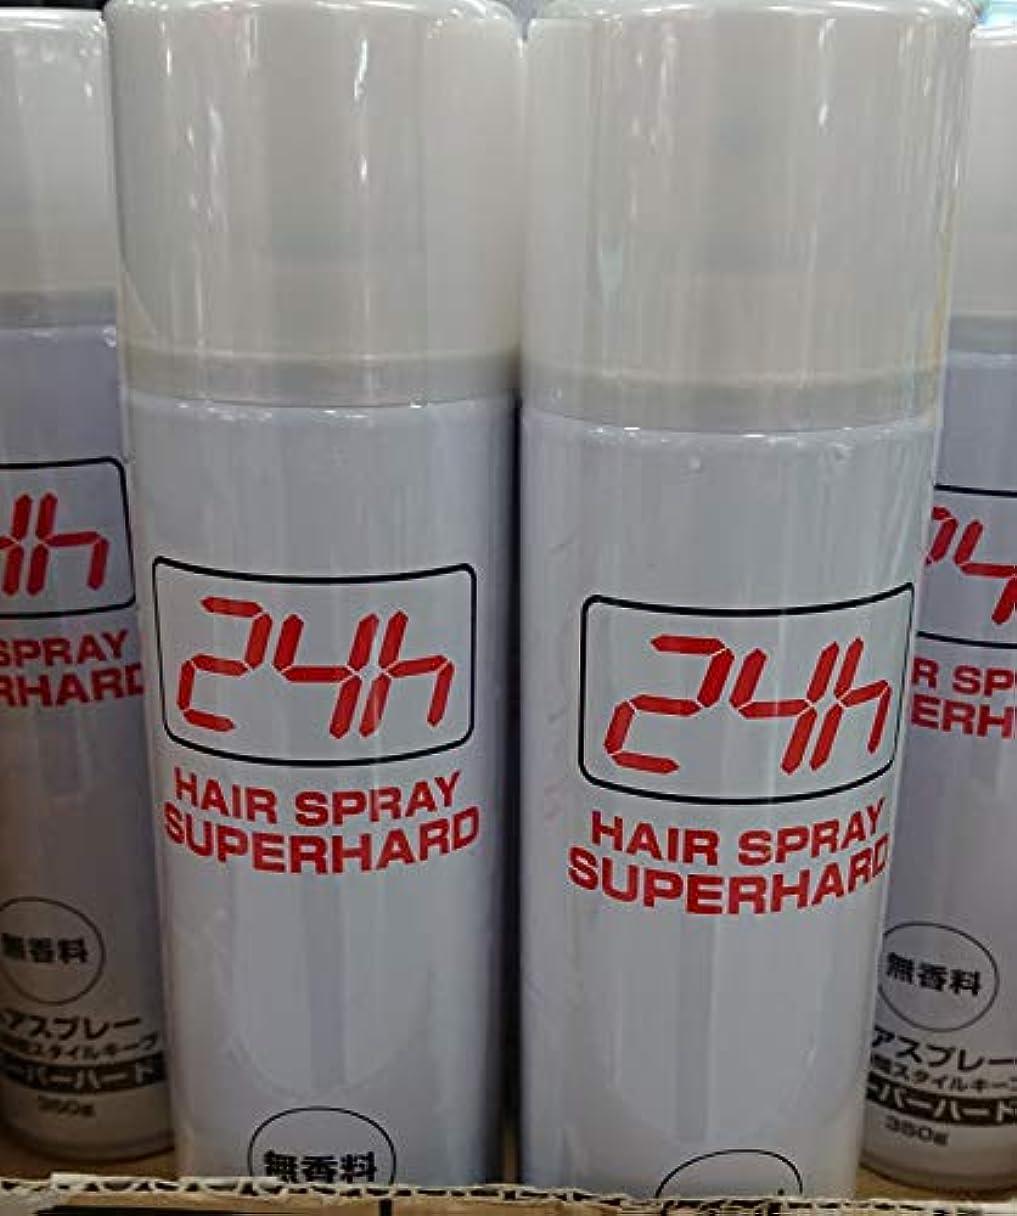 KEEP24 ヘアスプレー スーパーハード 無香料 大容量350g 1本